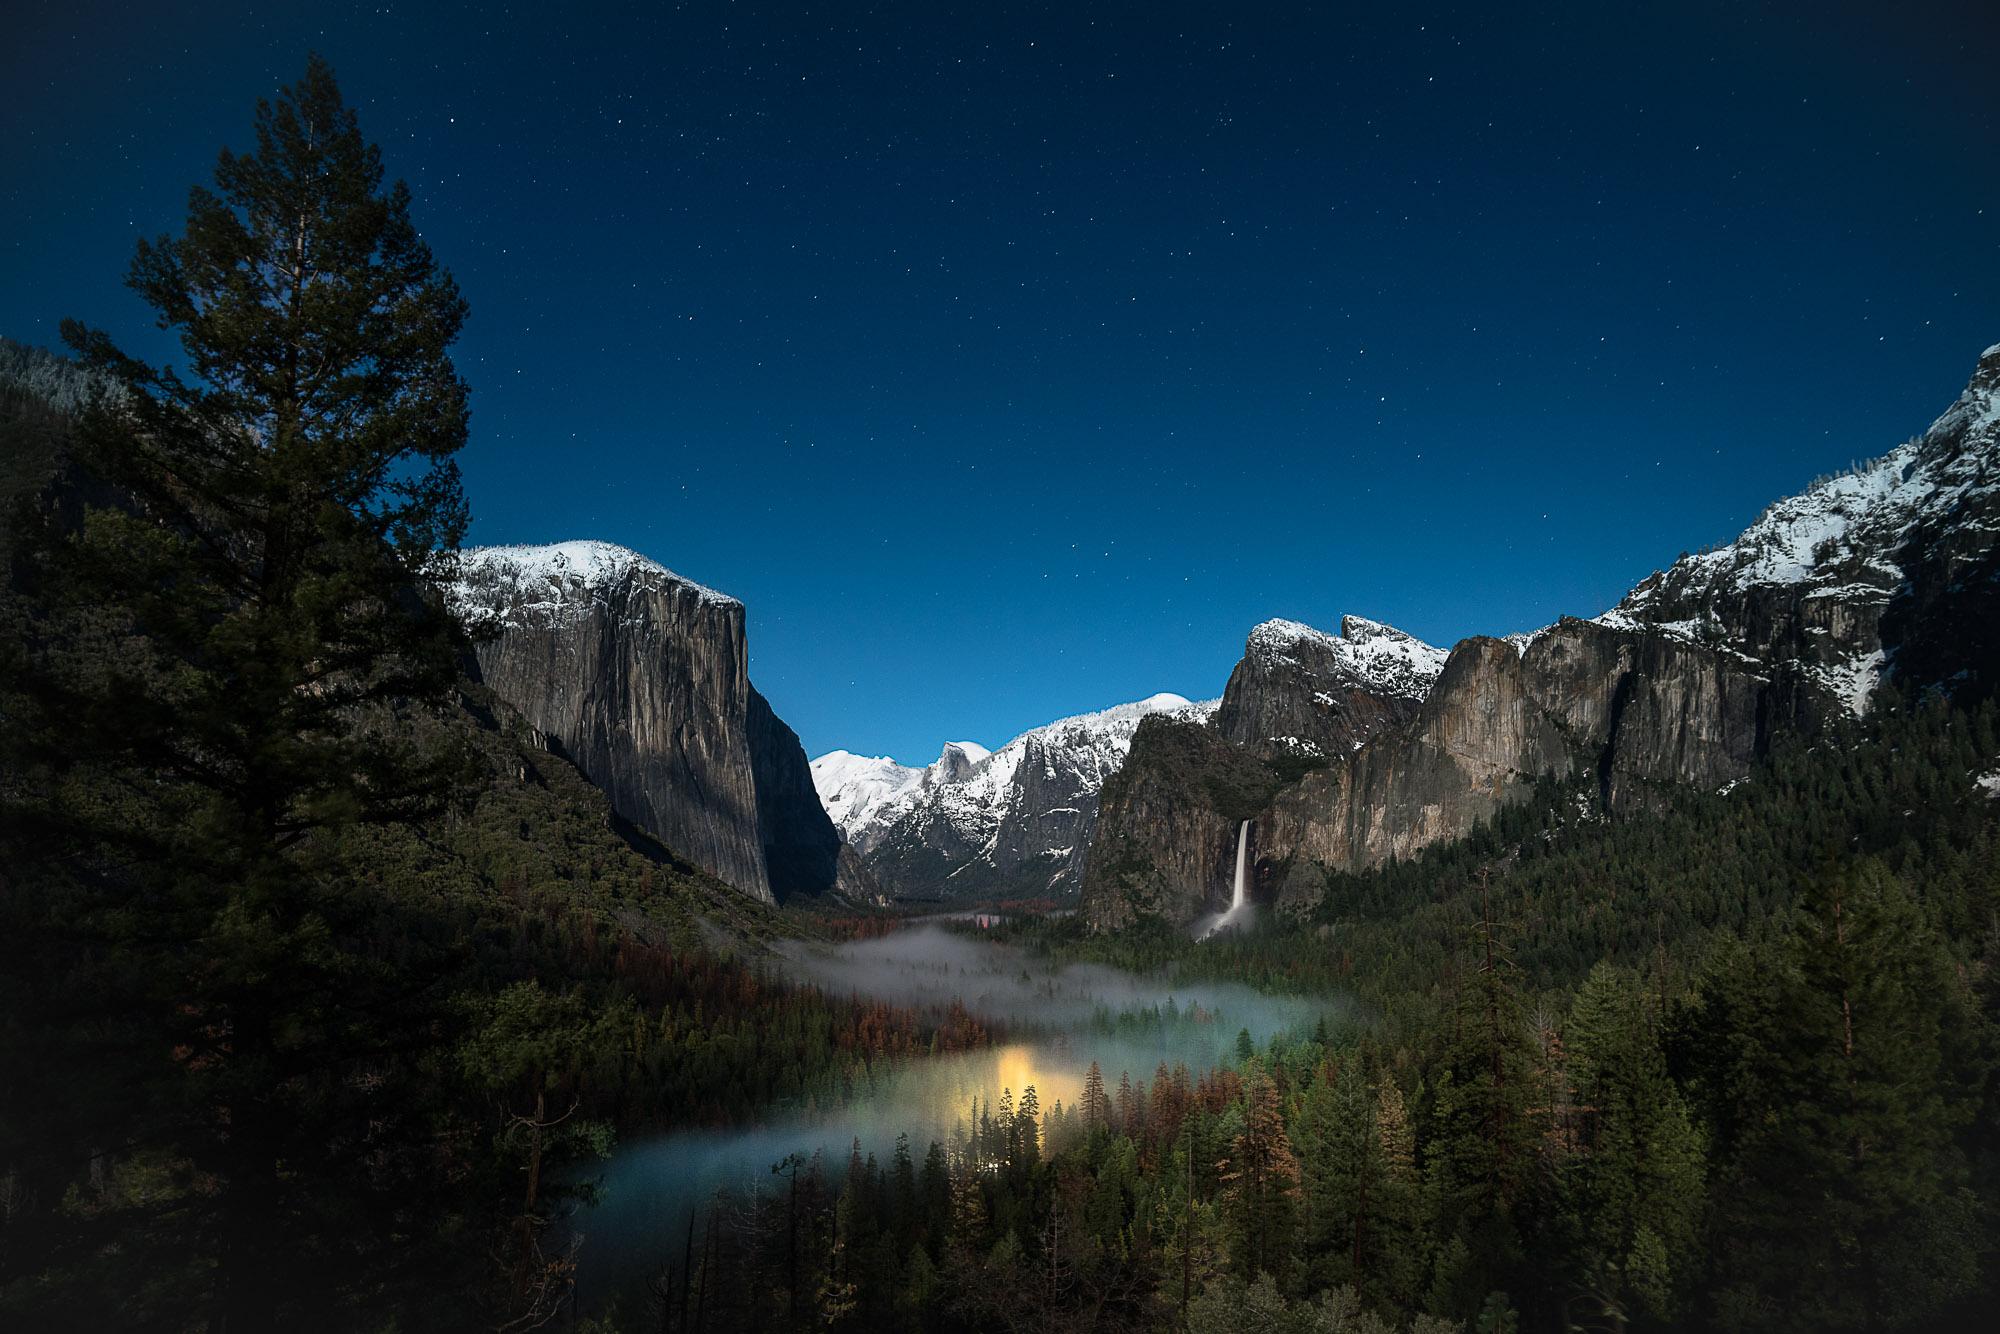 20170211_Yosemite_08965.jpg